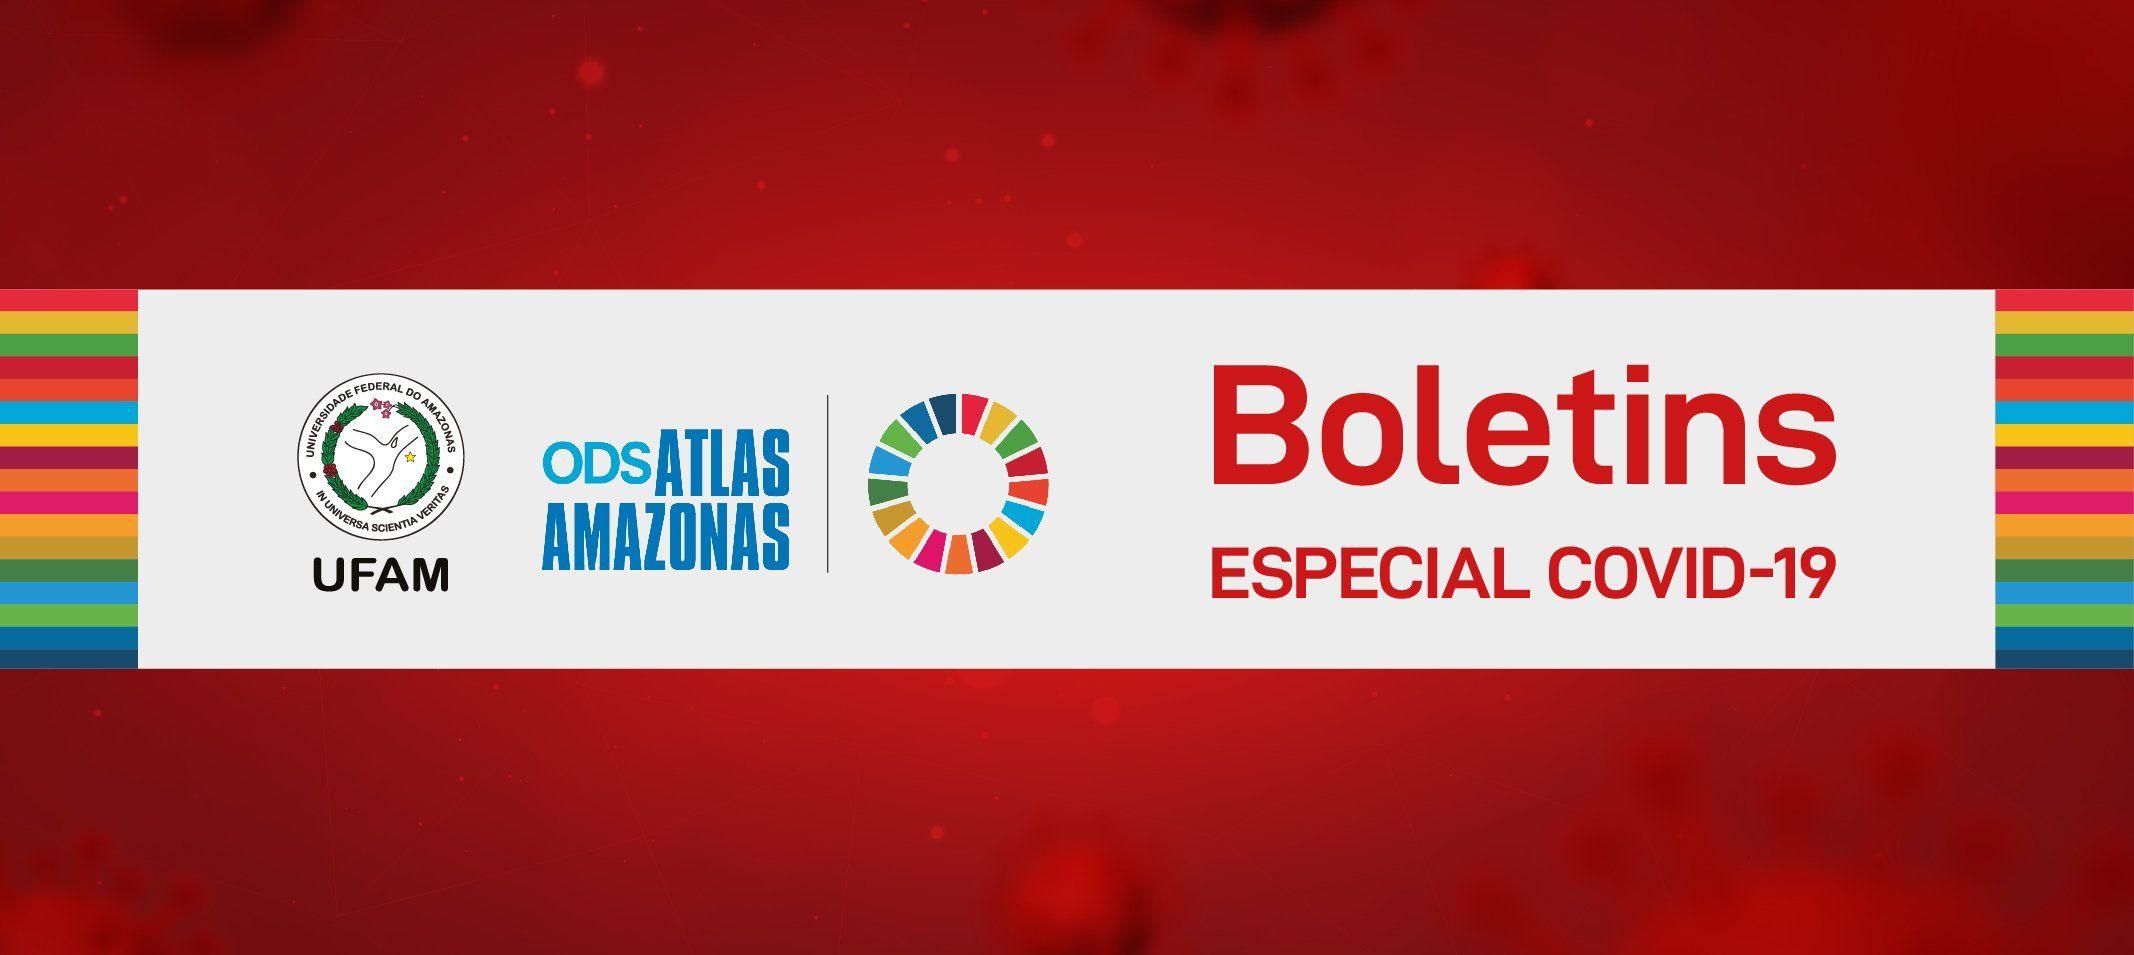 Confira todas as edições do Boletim Especial Covid-19 do Atlas ODS Amazonas